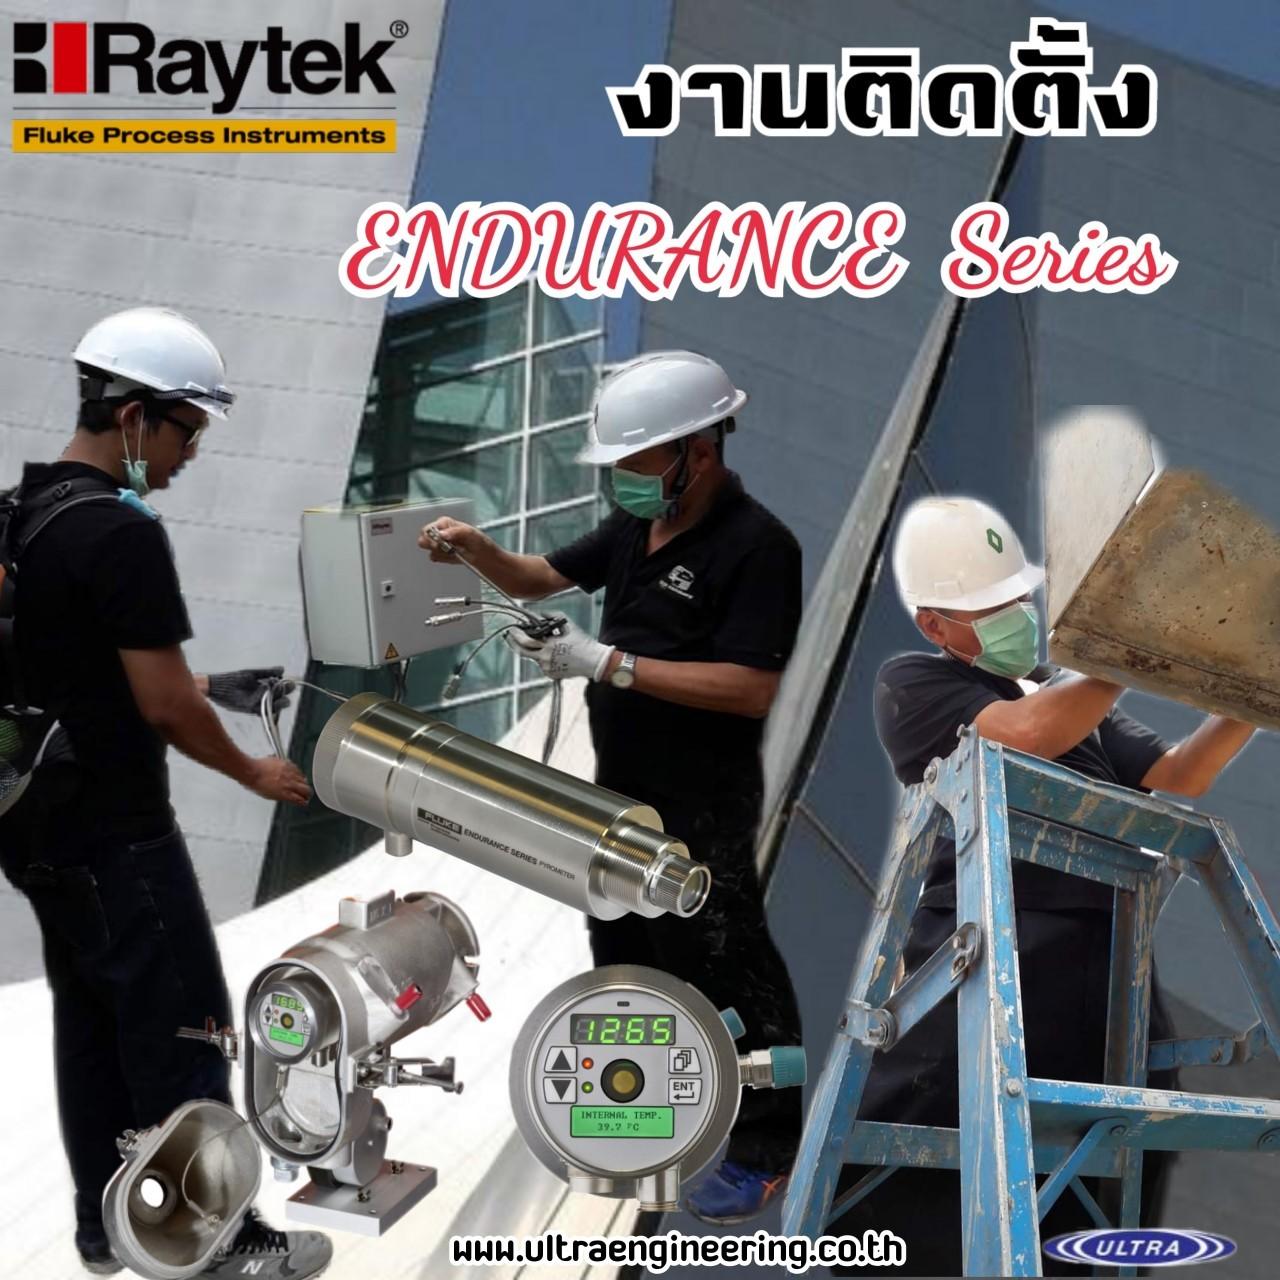 ส่งสินค้าพร้อมติดตั้งเครื่องวัดอุณหภูมิ Endurance Series